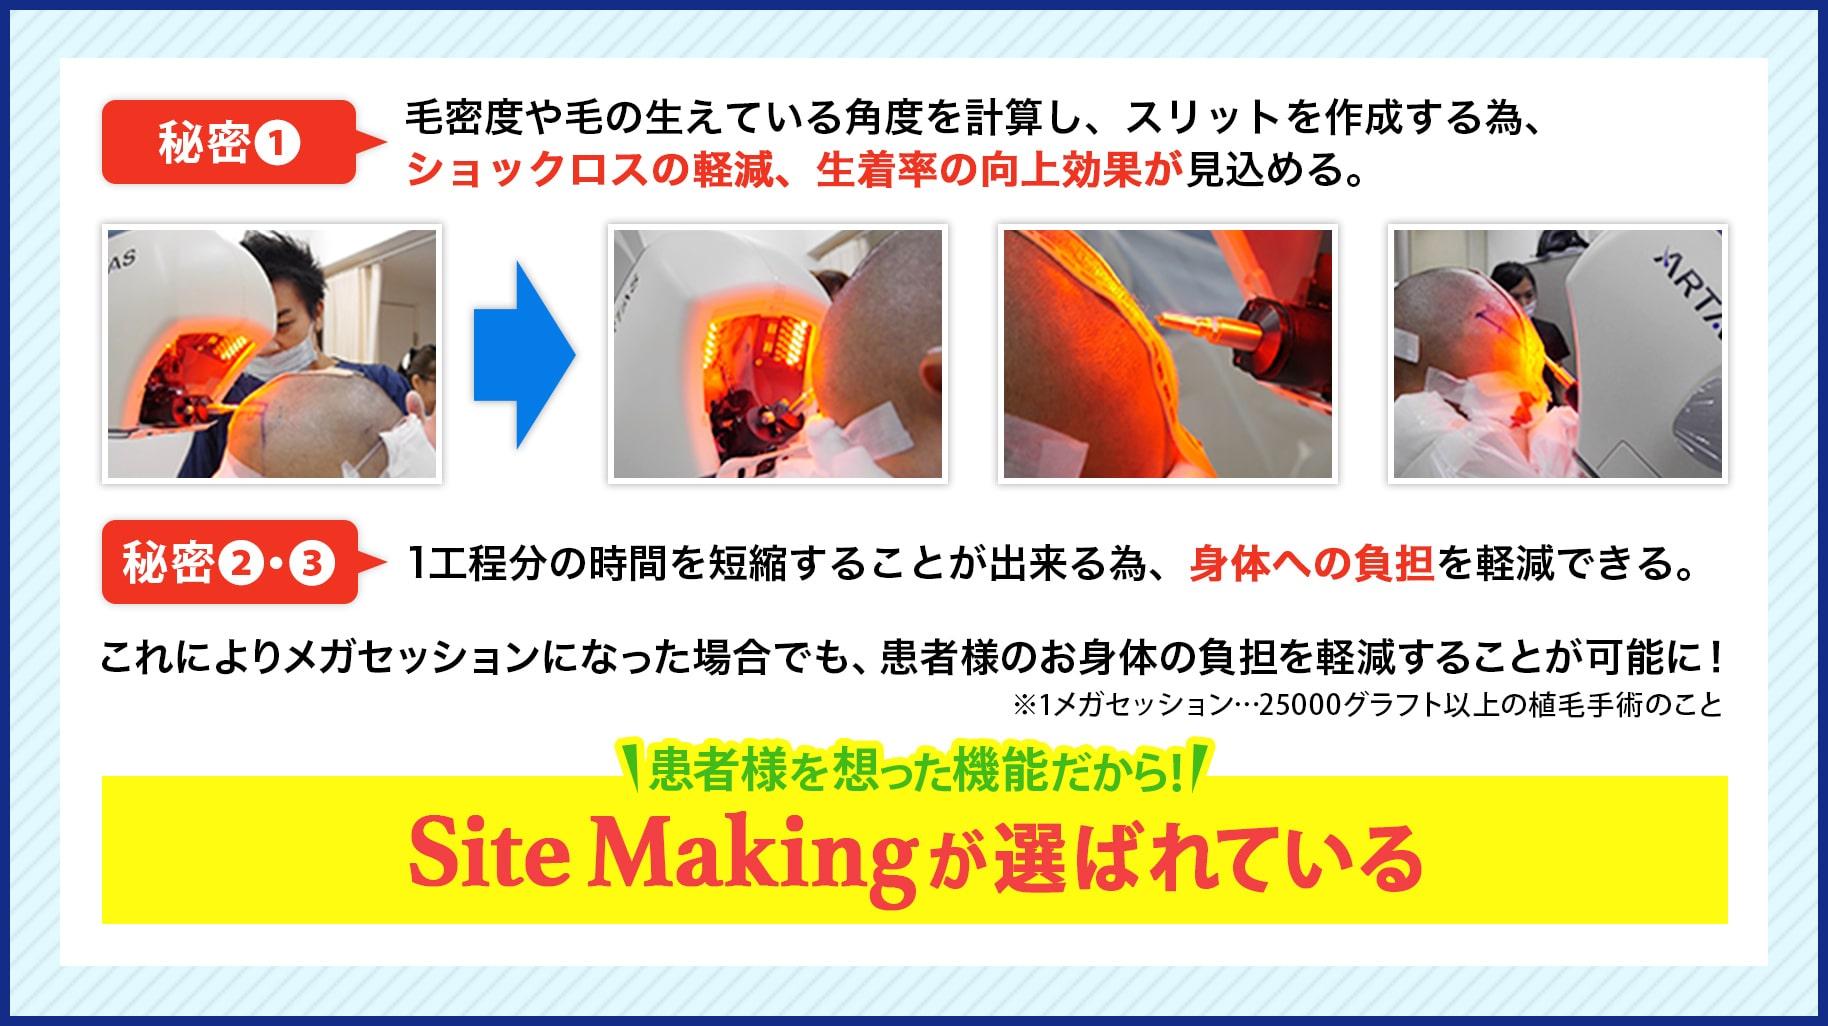 SiteMakingが選ばれている